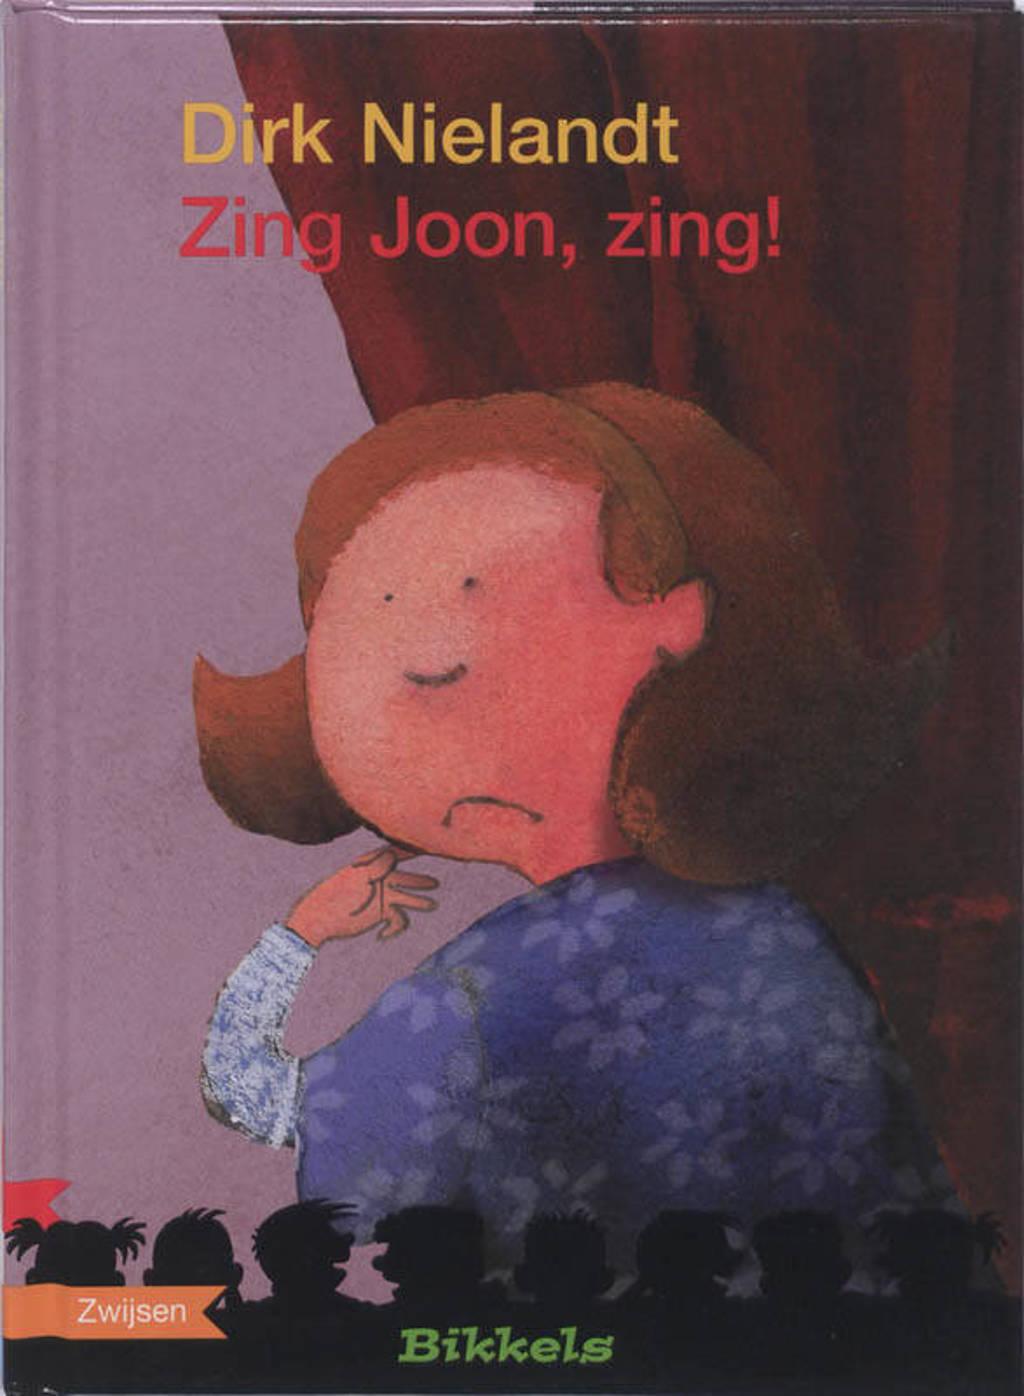 Bikkels: Zing Joon, zing! - Dirk Nielandt